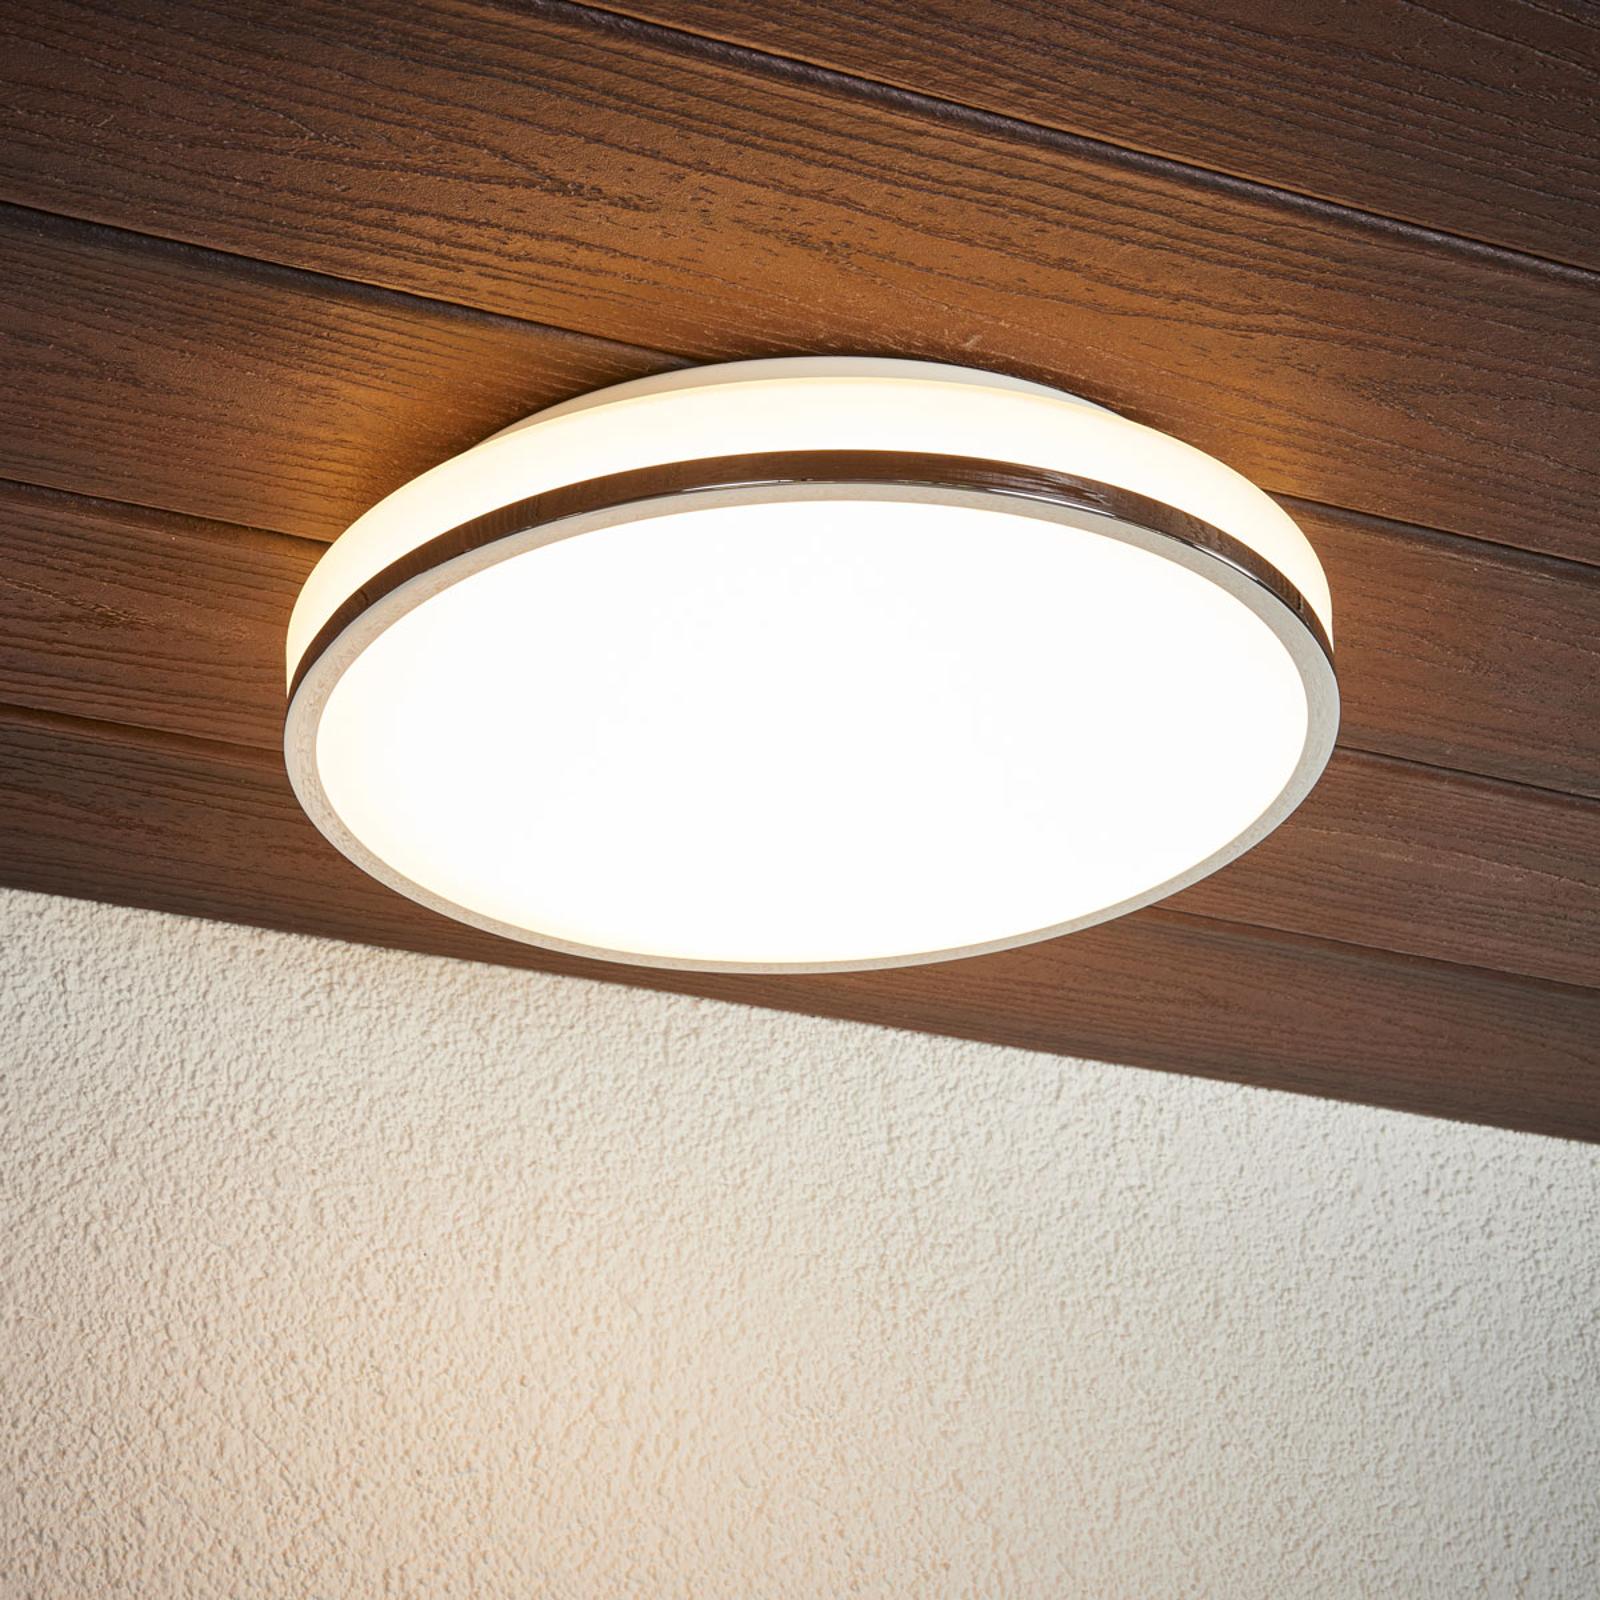 LED-kattovalaisin Lyss kromireunuksella